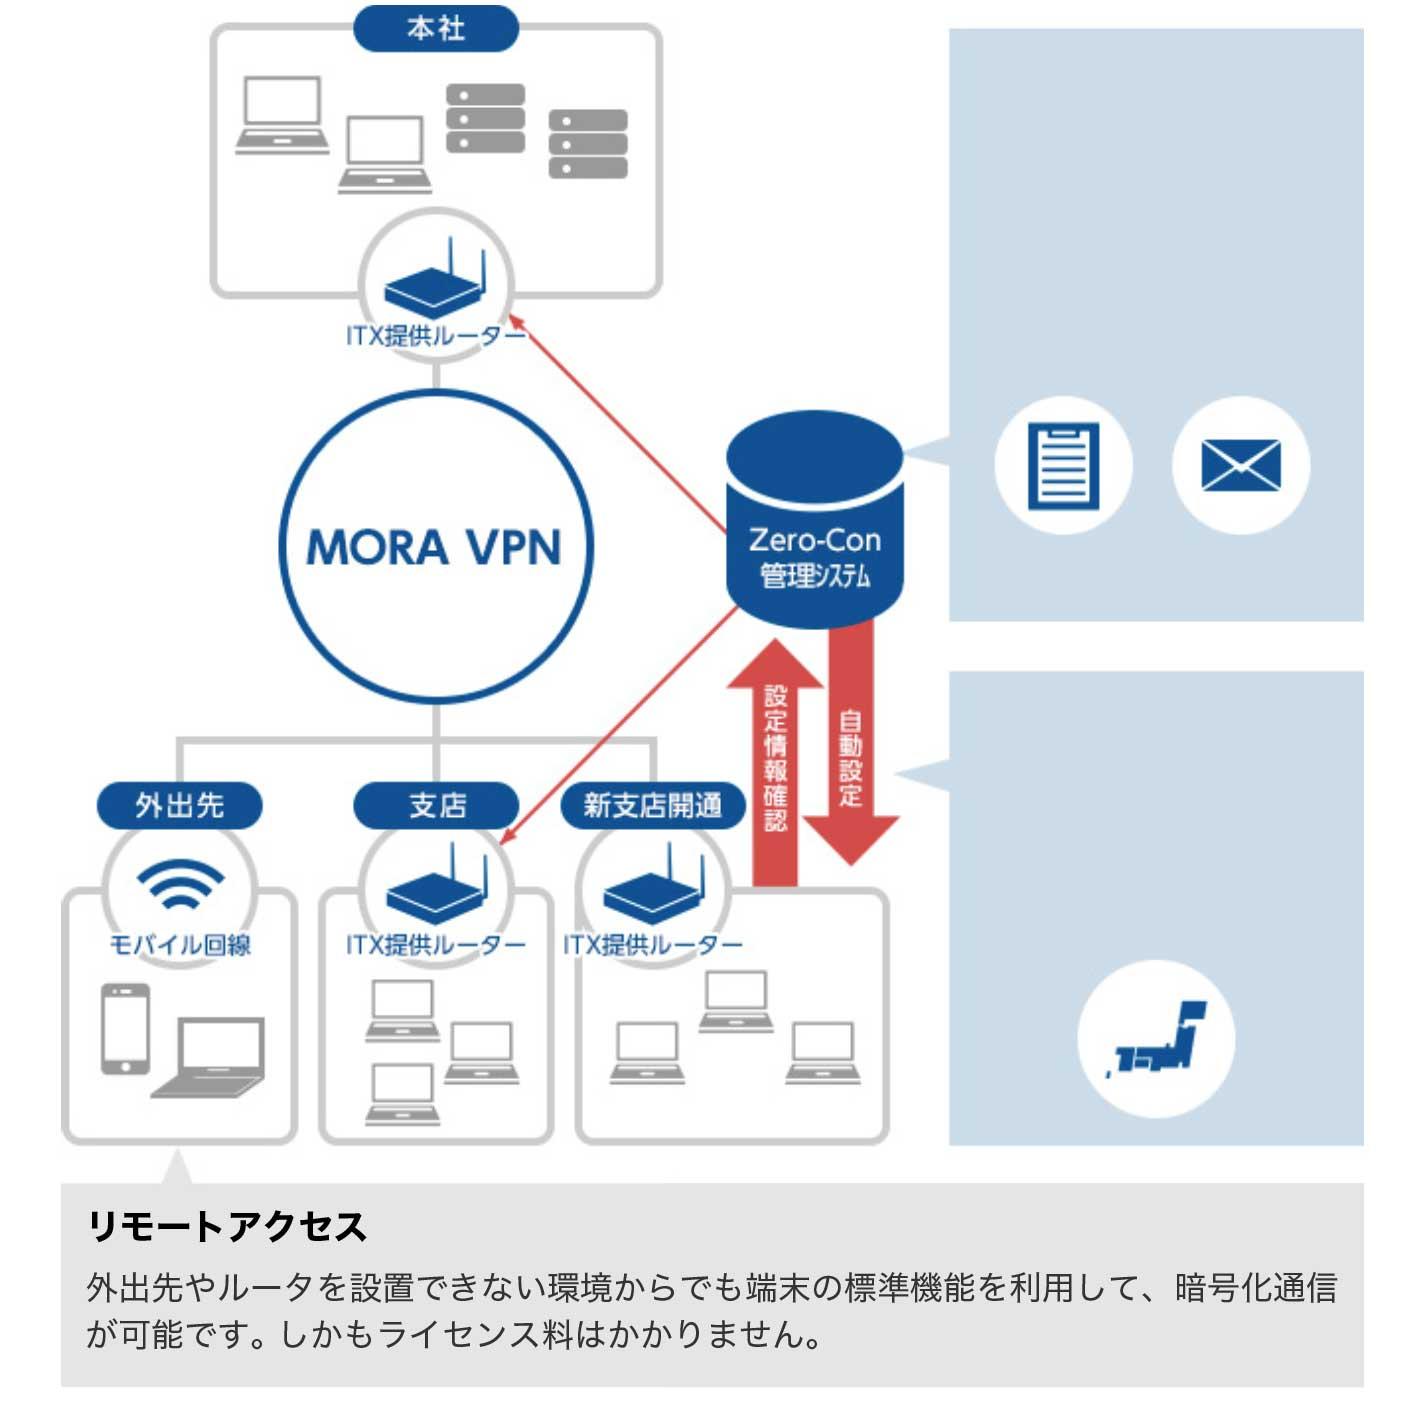 リモートアクセス。外出先やルータを設置できない環境からでも端末の標準機能を利用して、暗号化通信が可能です。しかもライセンス料はかかりません。